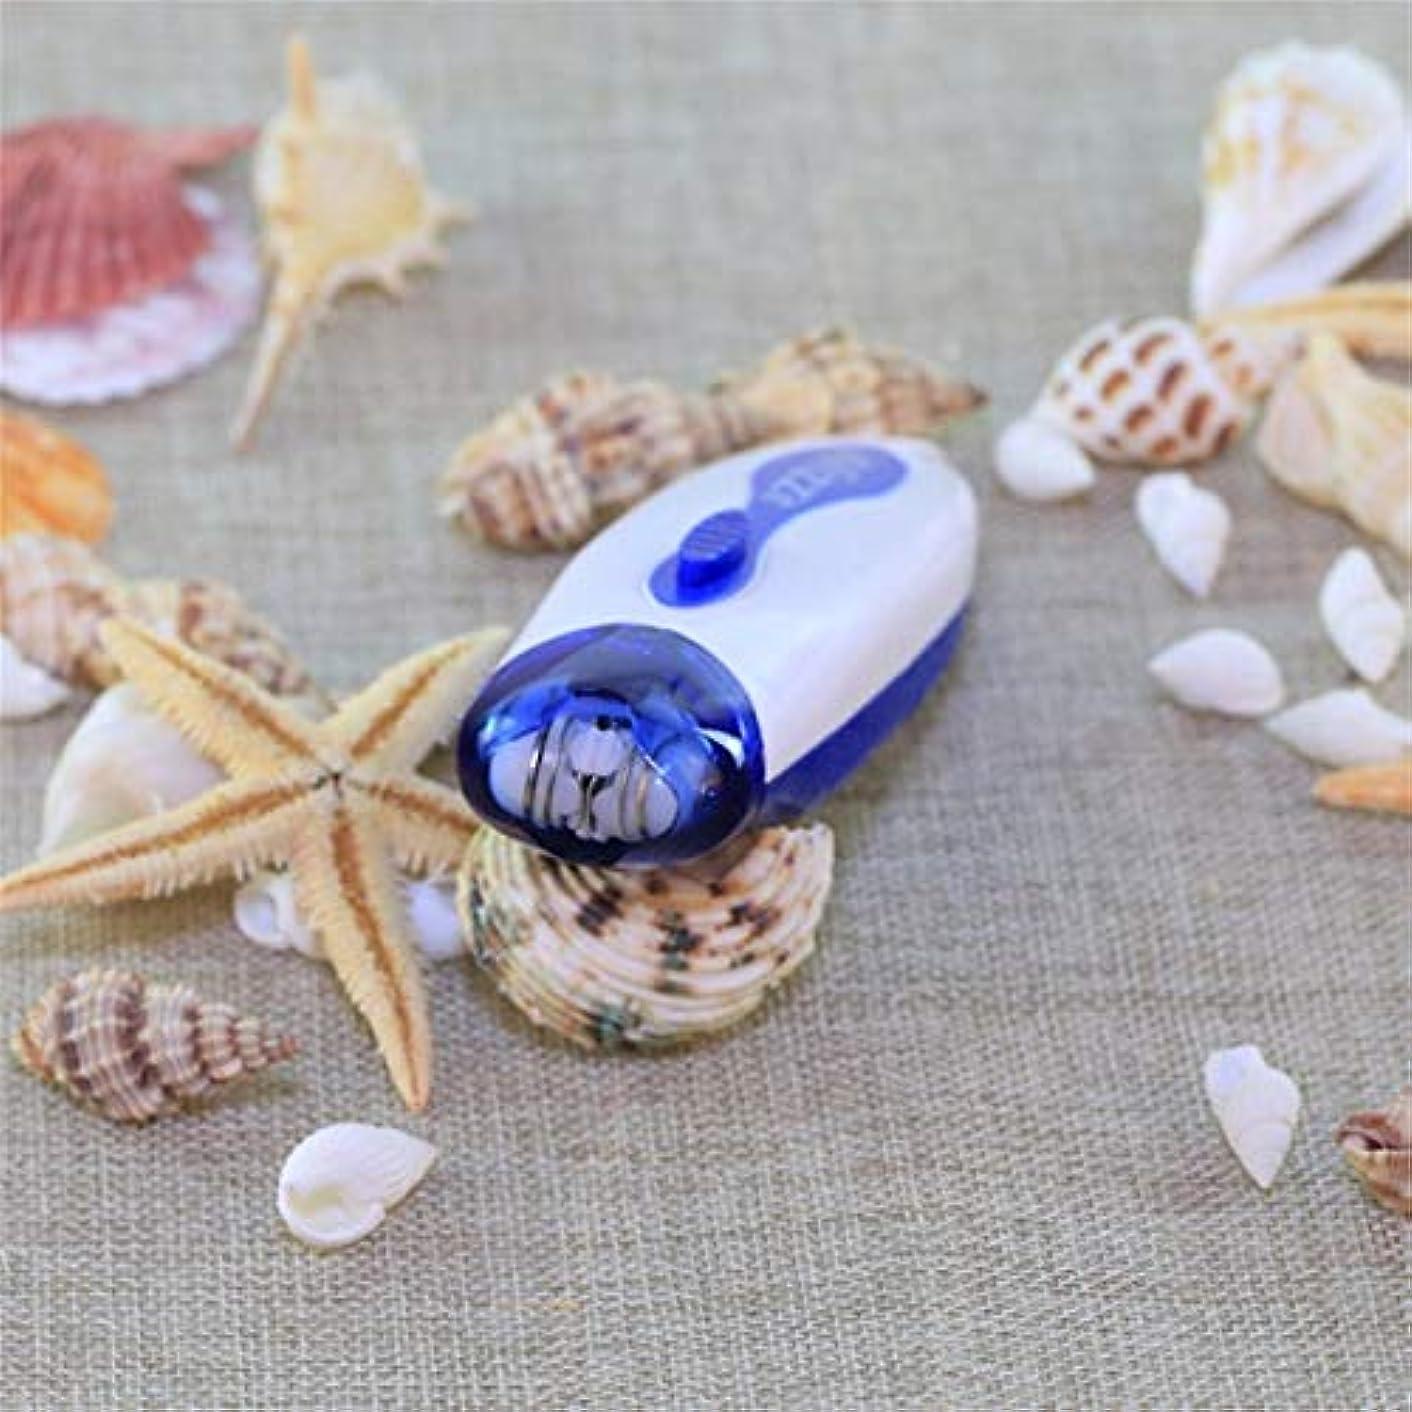 スピーチ幅革新Wizzit Electric Epilator Hair Shaving Device Tweezers Hair Removal Epilator Remover Depilating Machine Tool